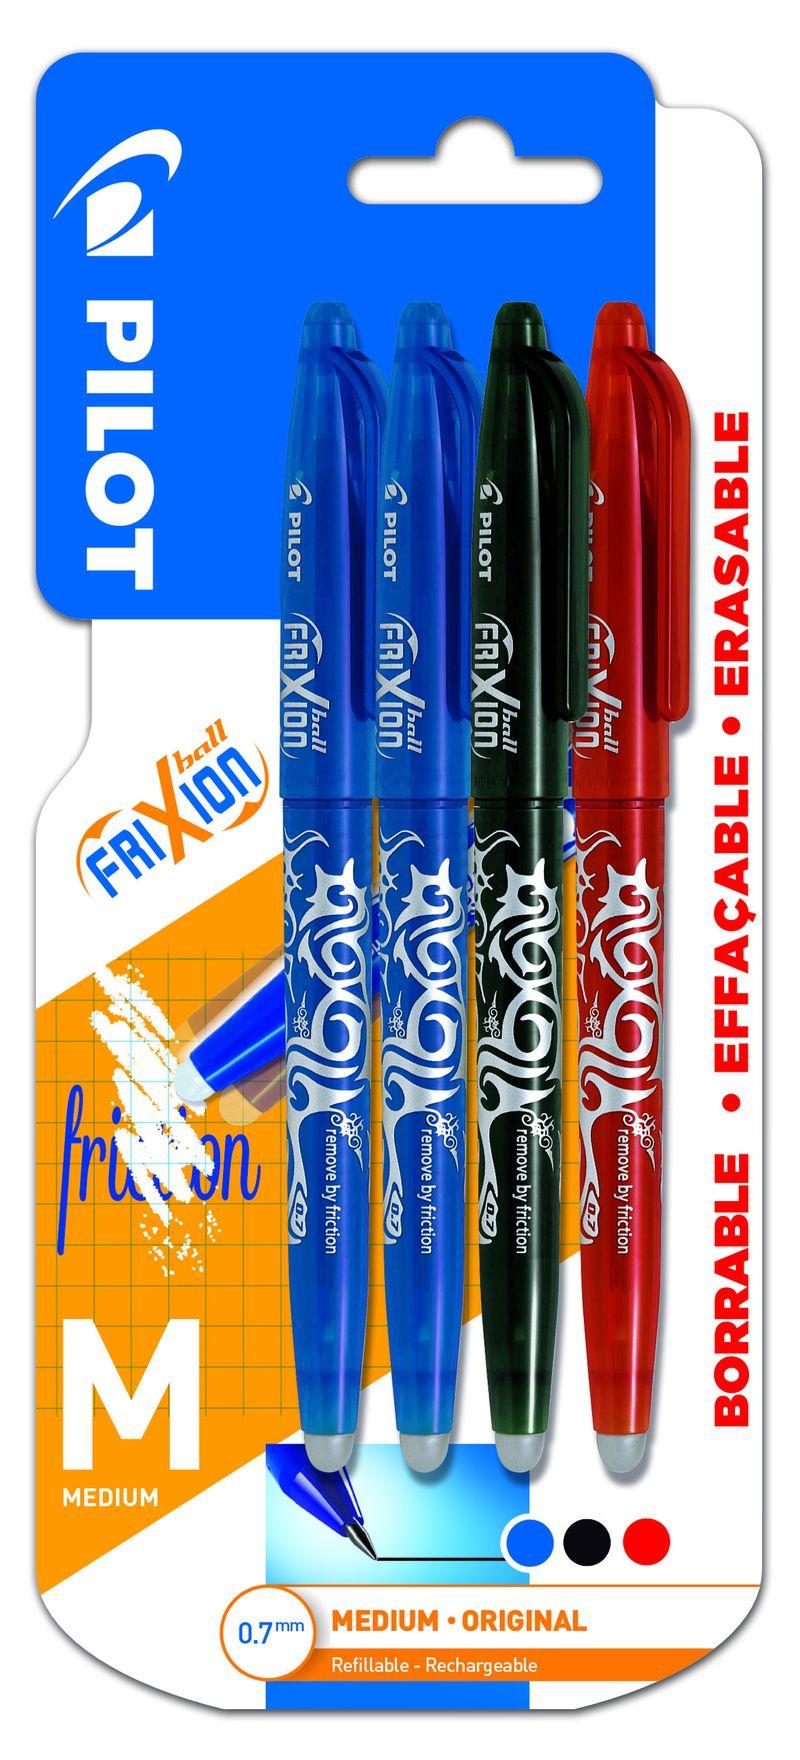 BLISTER FRIXION BALL BOLIGRAFO BORRABLE. COLOR DE TINTA AZUL / AZUL / NEGRO / ROJO